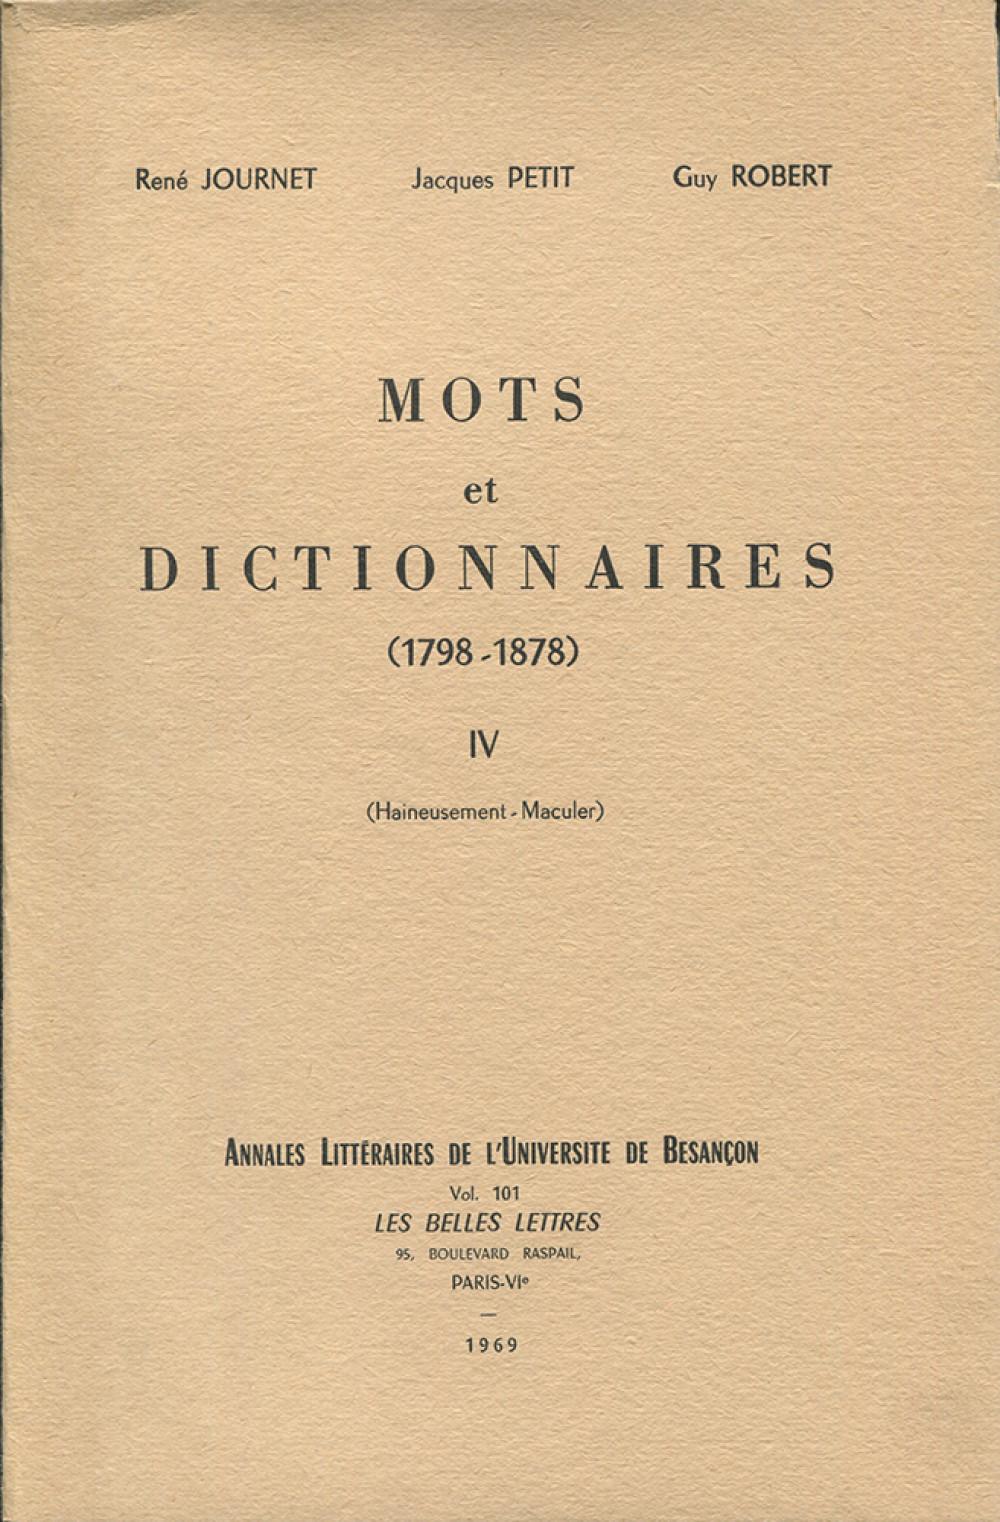 Mots et dictionnaires IV (1798-1878)